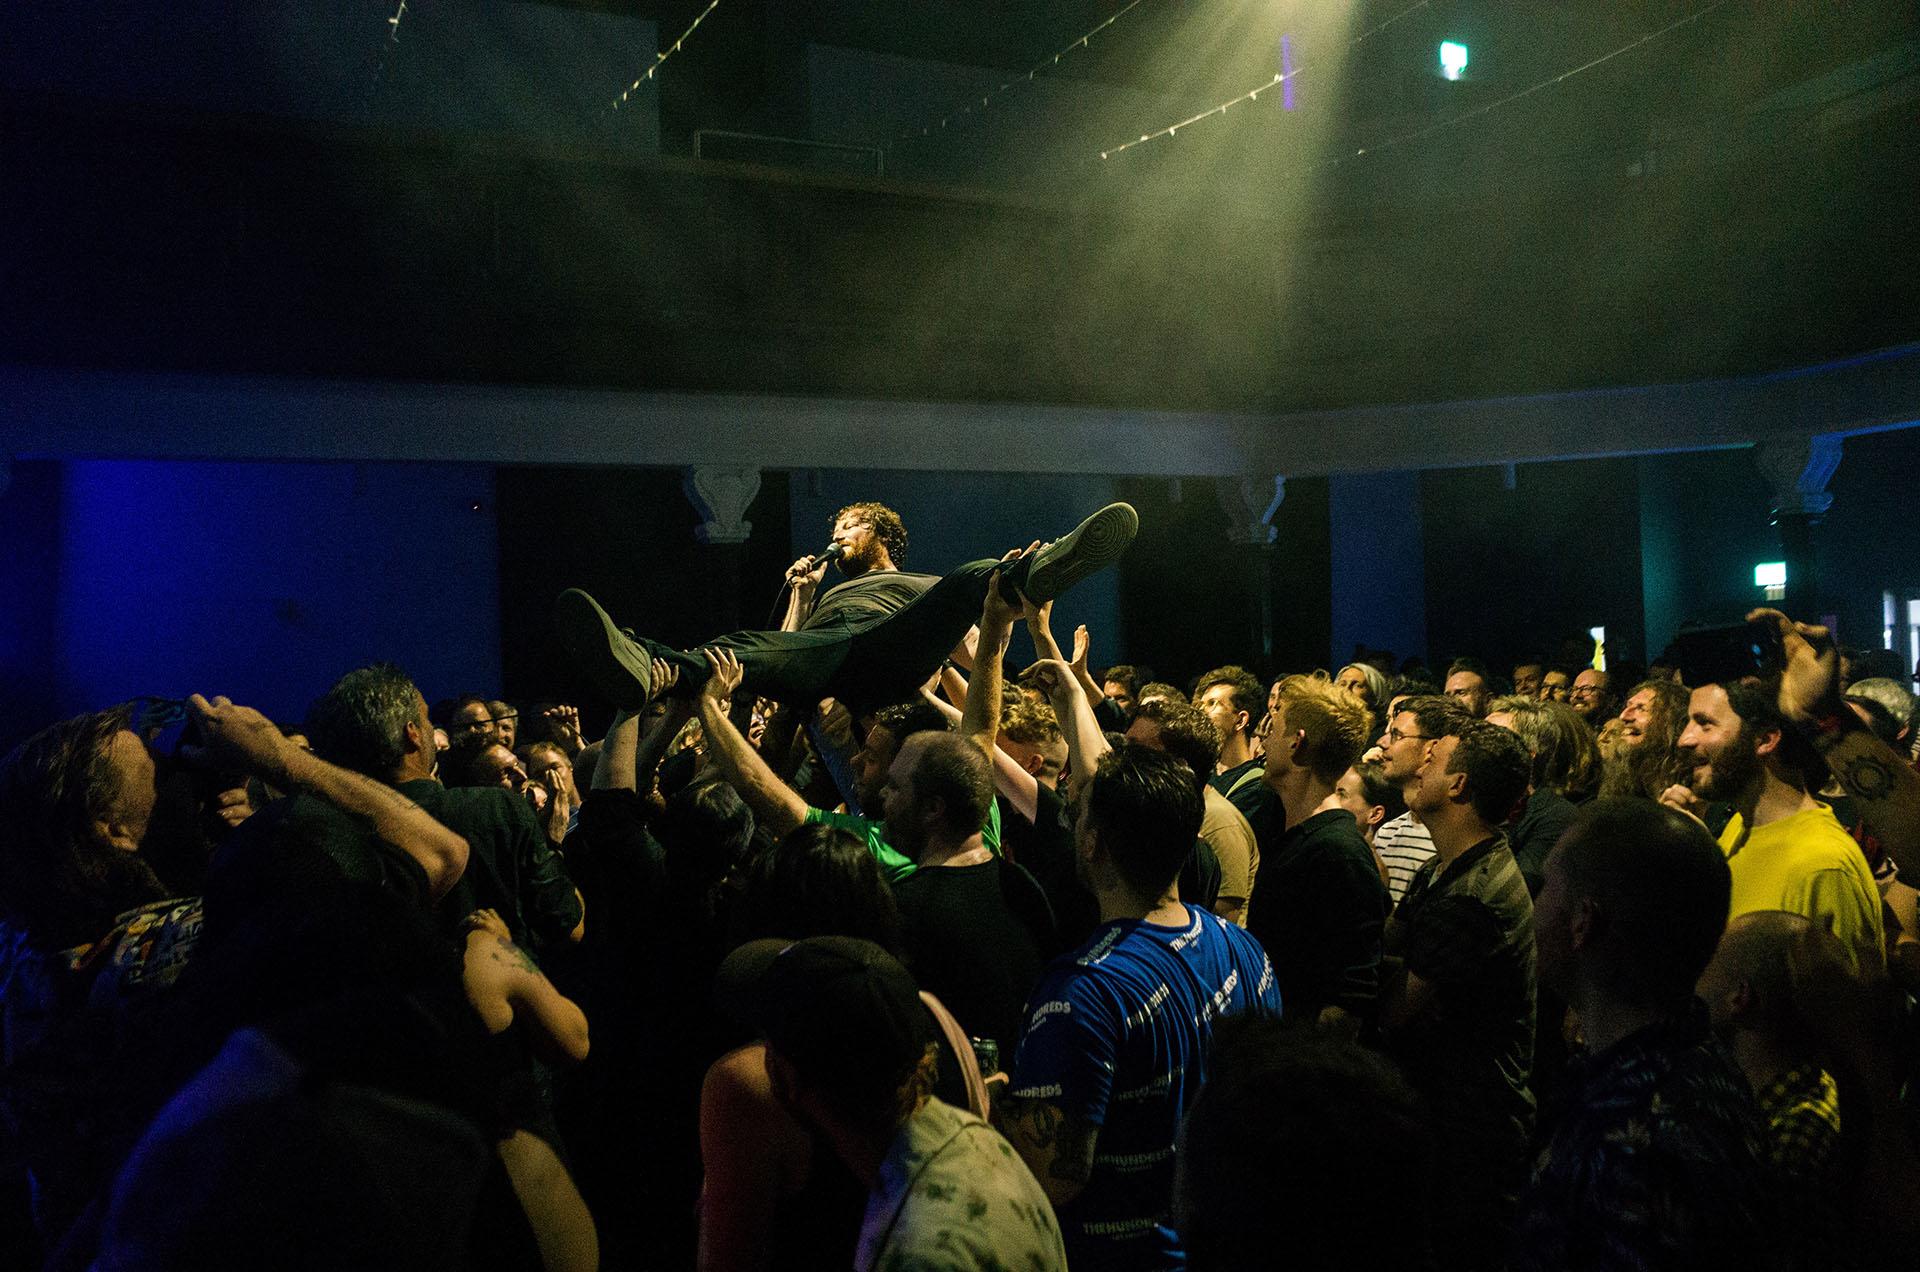 McLusky crowdsurf